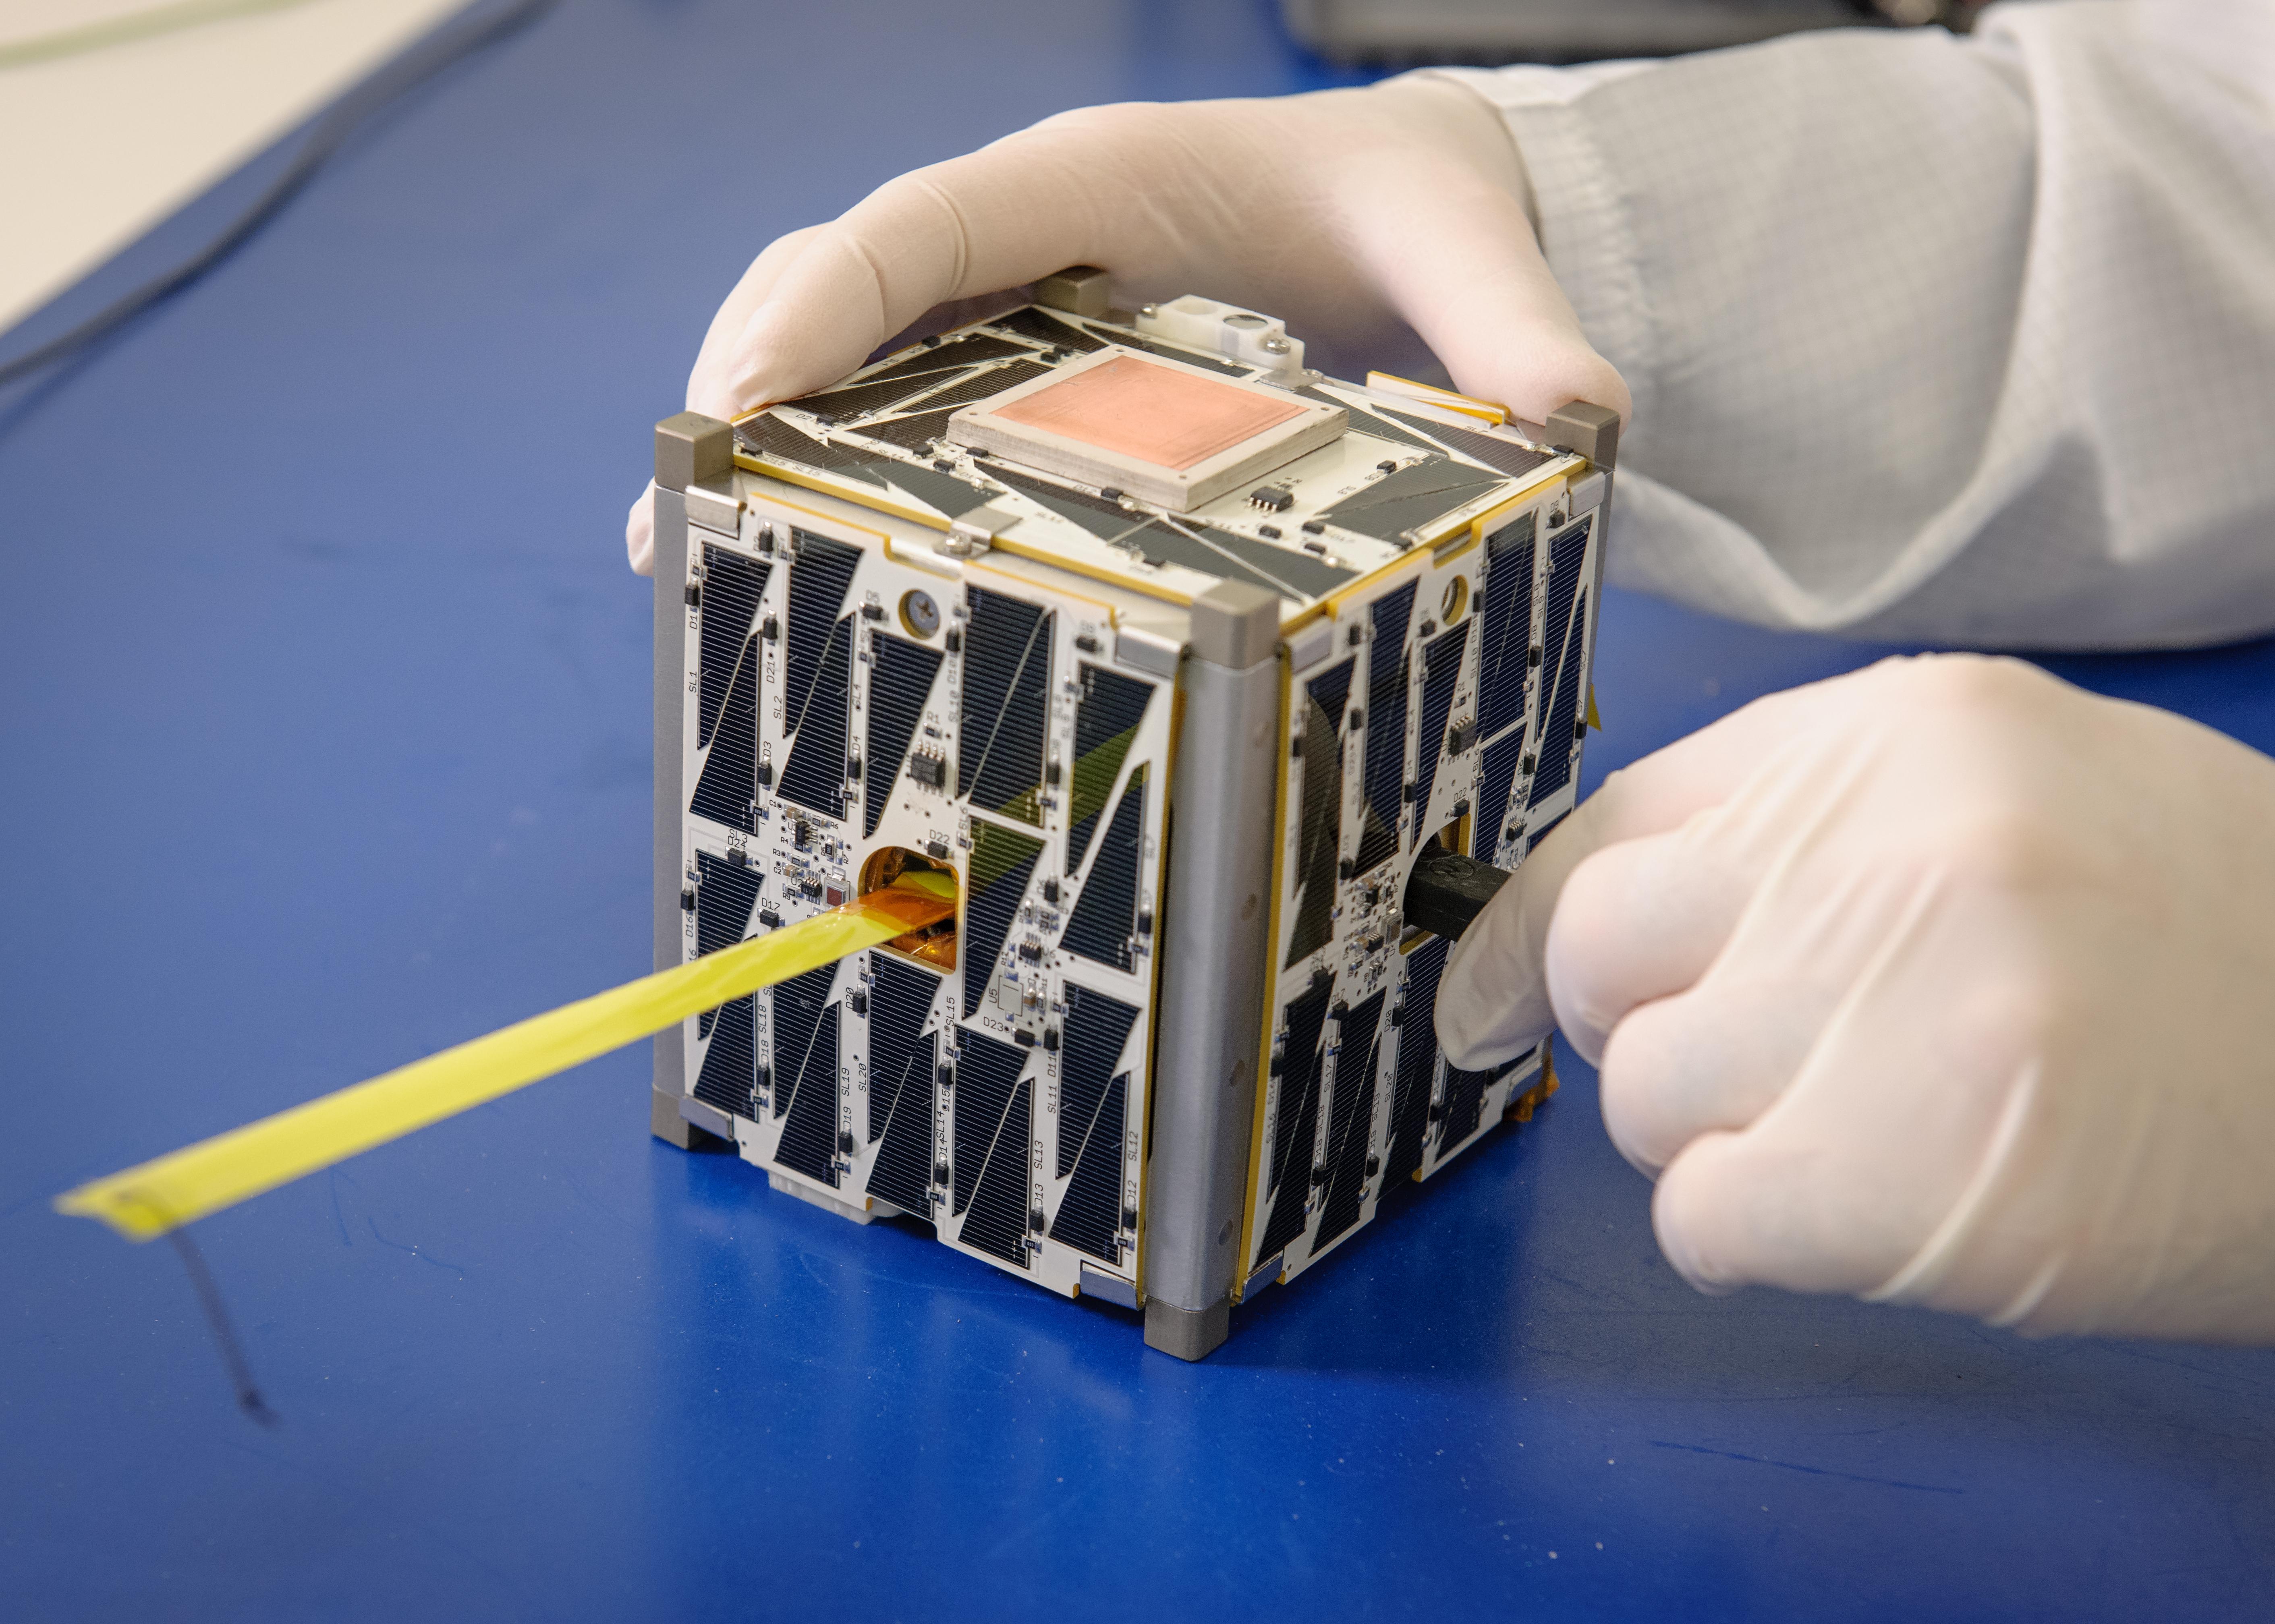 Figure 1: Cubesat